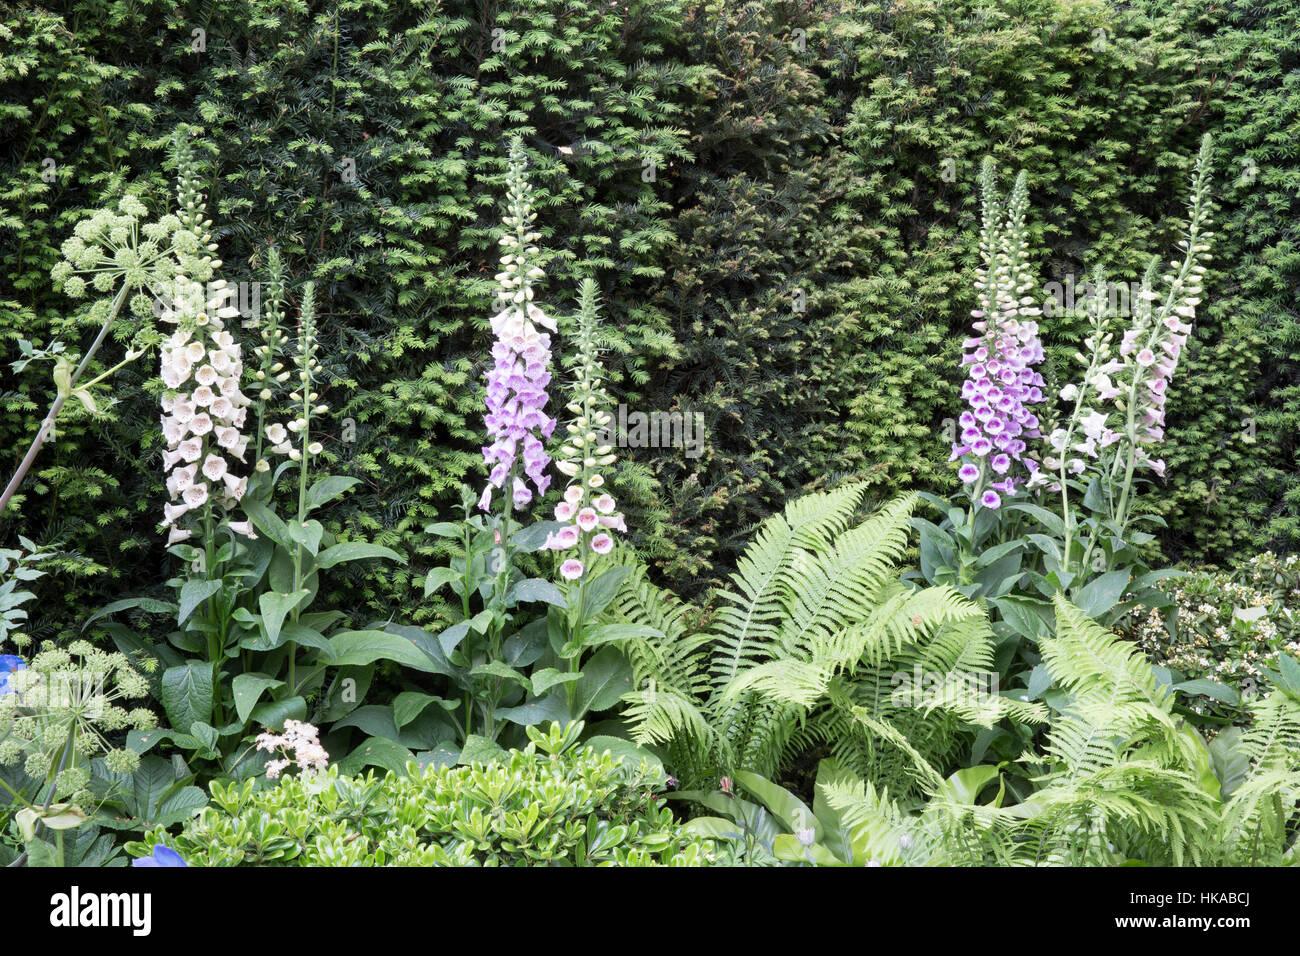 The Husqvarna Garden, Chelsea Flower Show 2016, London UK Designer: Charlie Albone - Stock Image